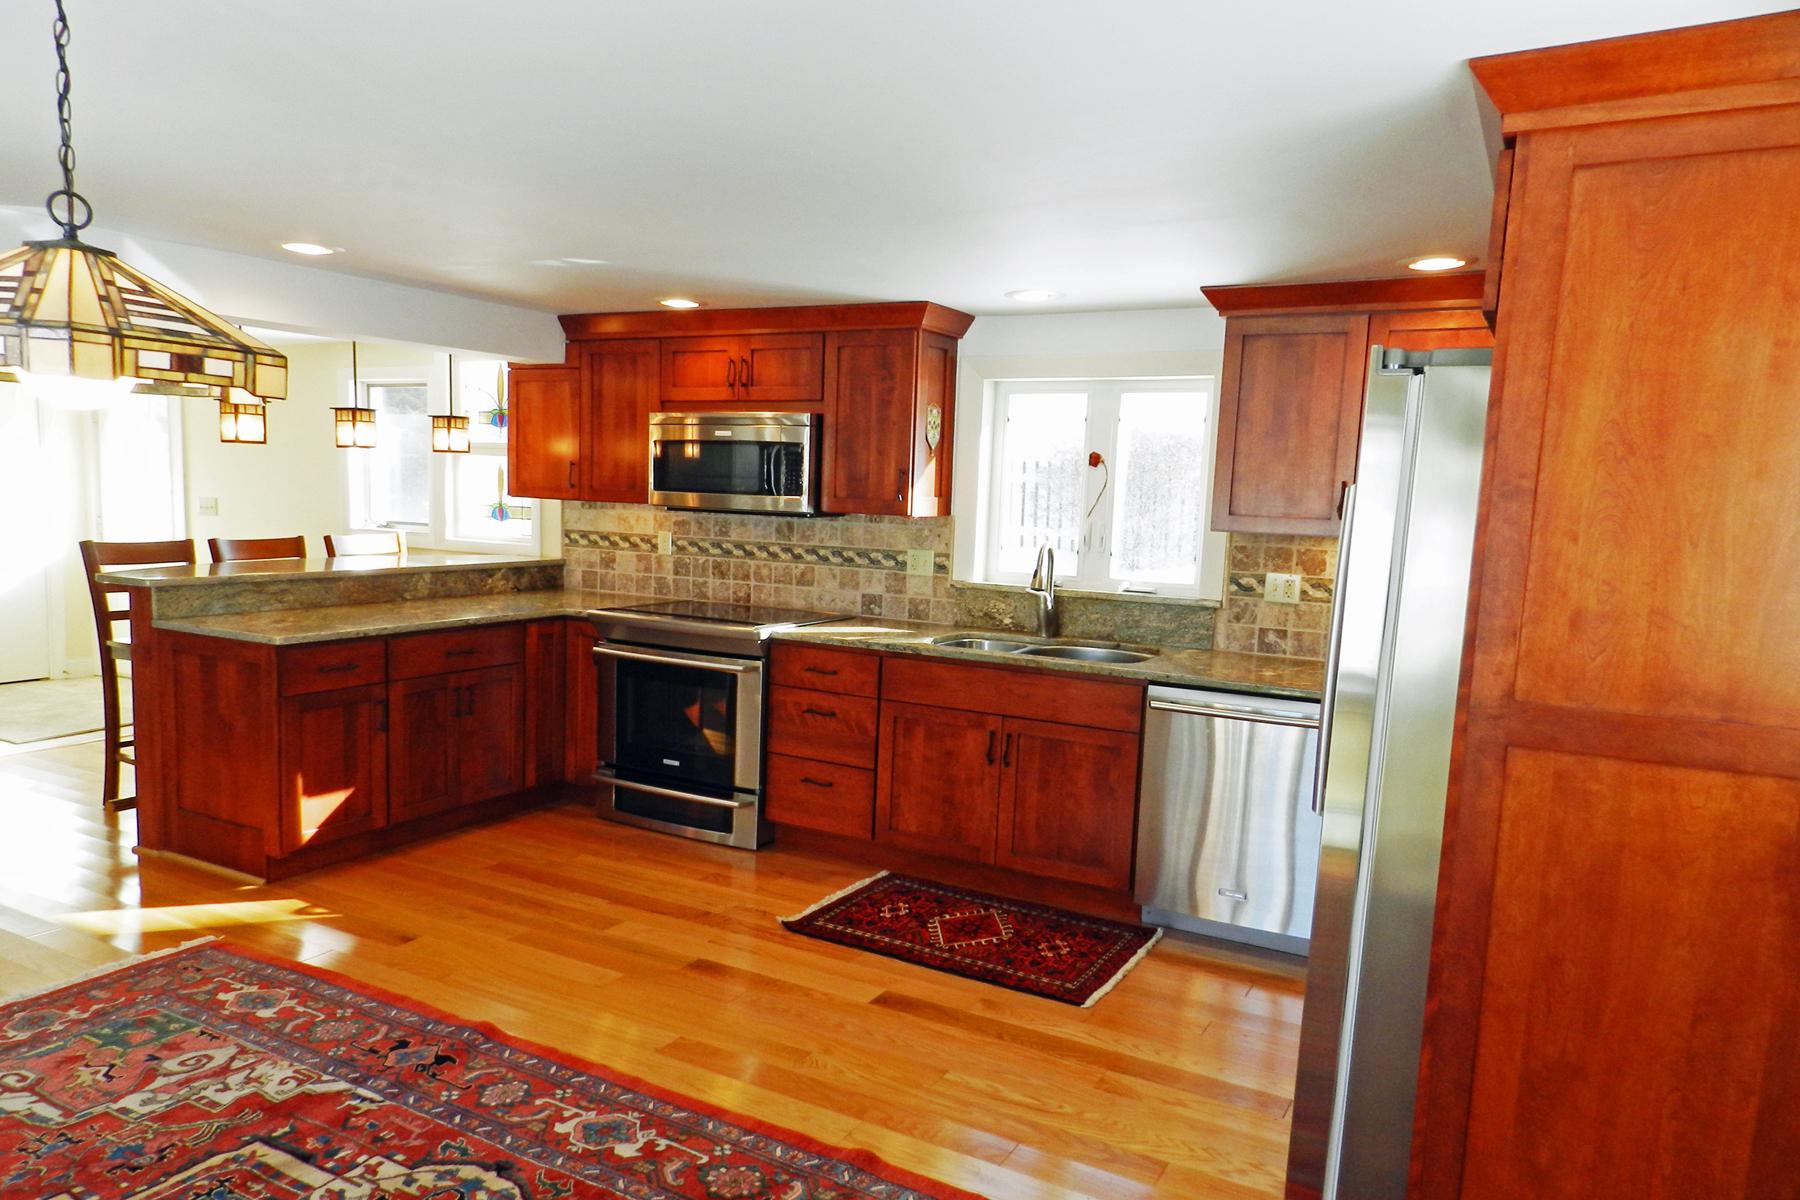 獨棟家庭住宅 為 出售 在 130 Silver Road, Harrisville 130 Silver Rd Harrisville, 新罕布什爾州 03450 美國